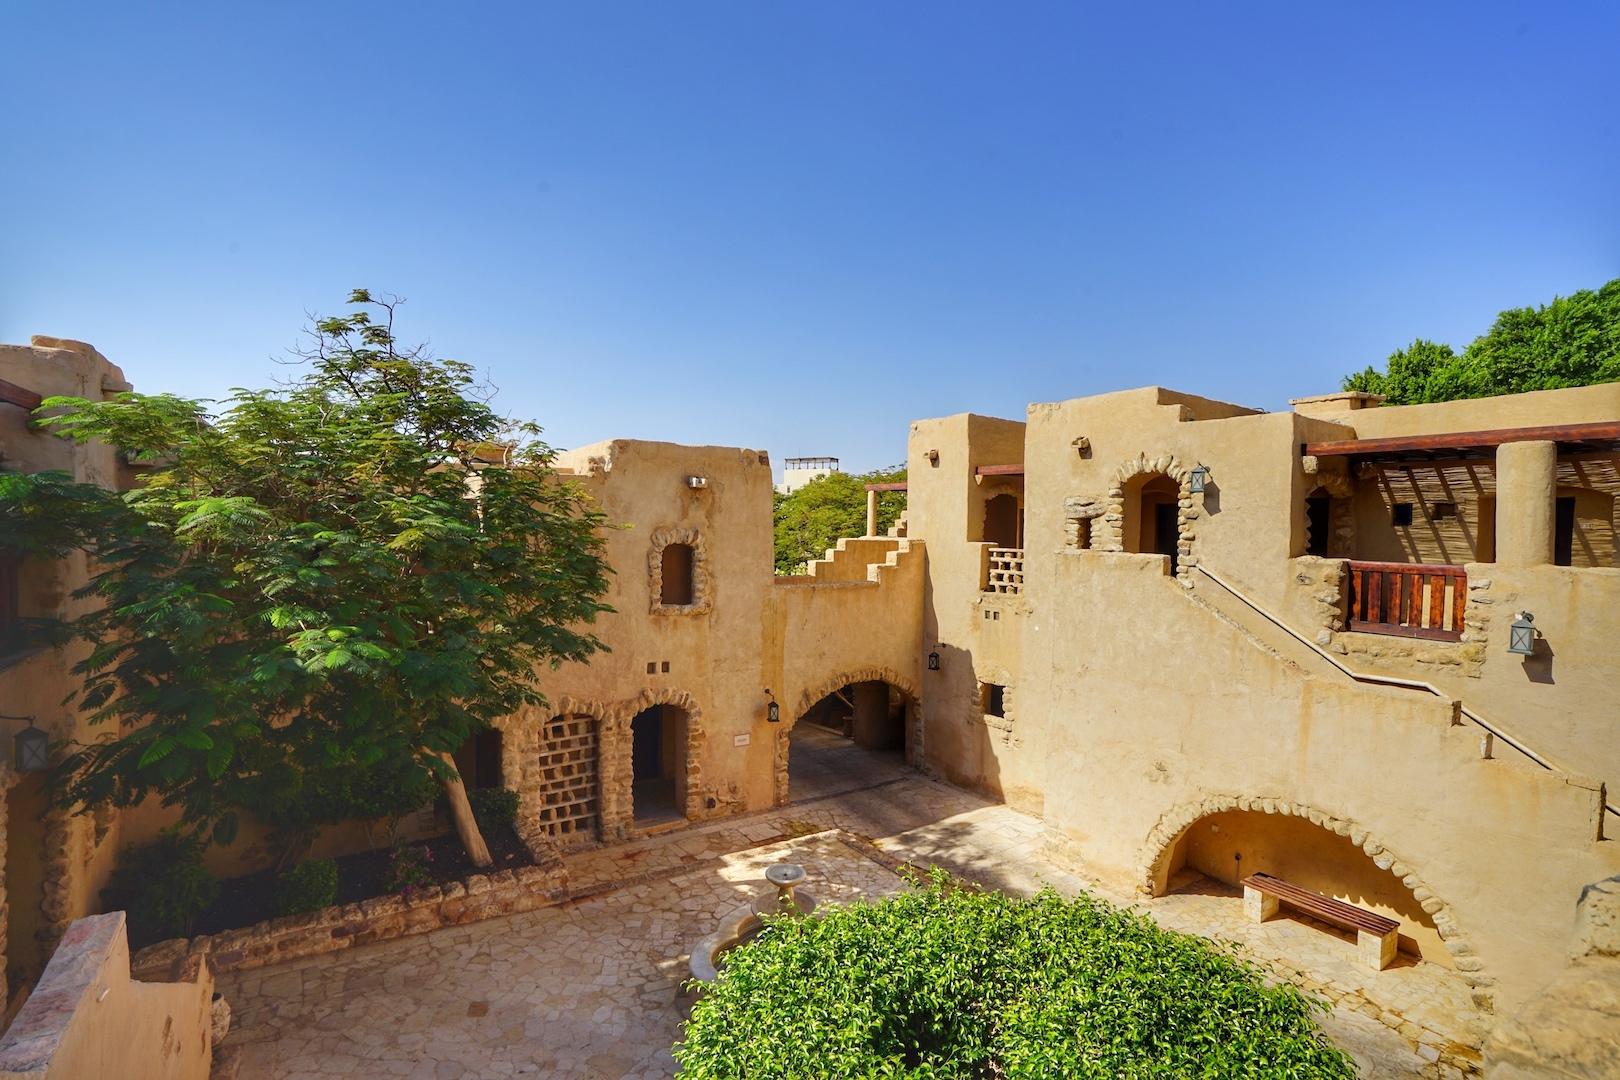 Das weitläufige Gelände des Mövenpick Resort & Spa Dead Sea lädt zum Rundgang ein